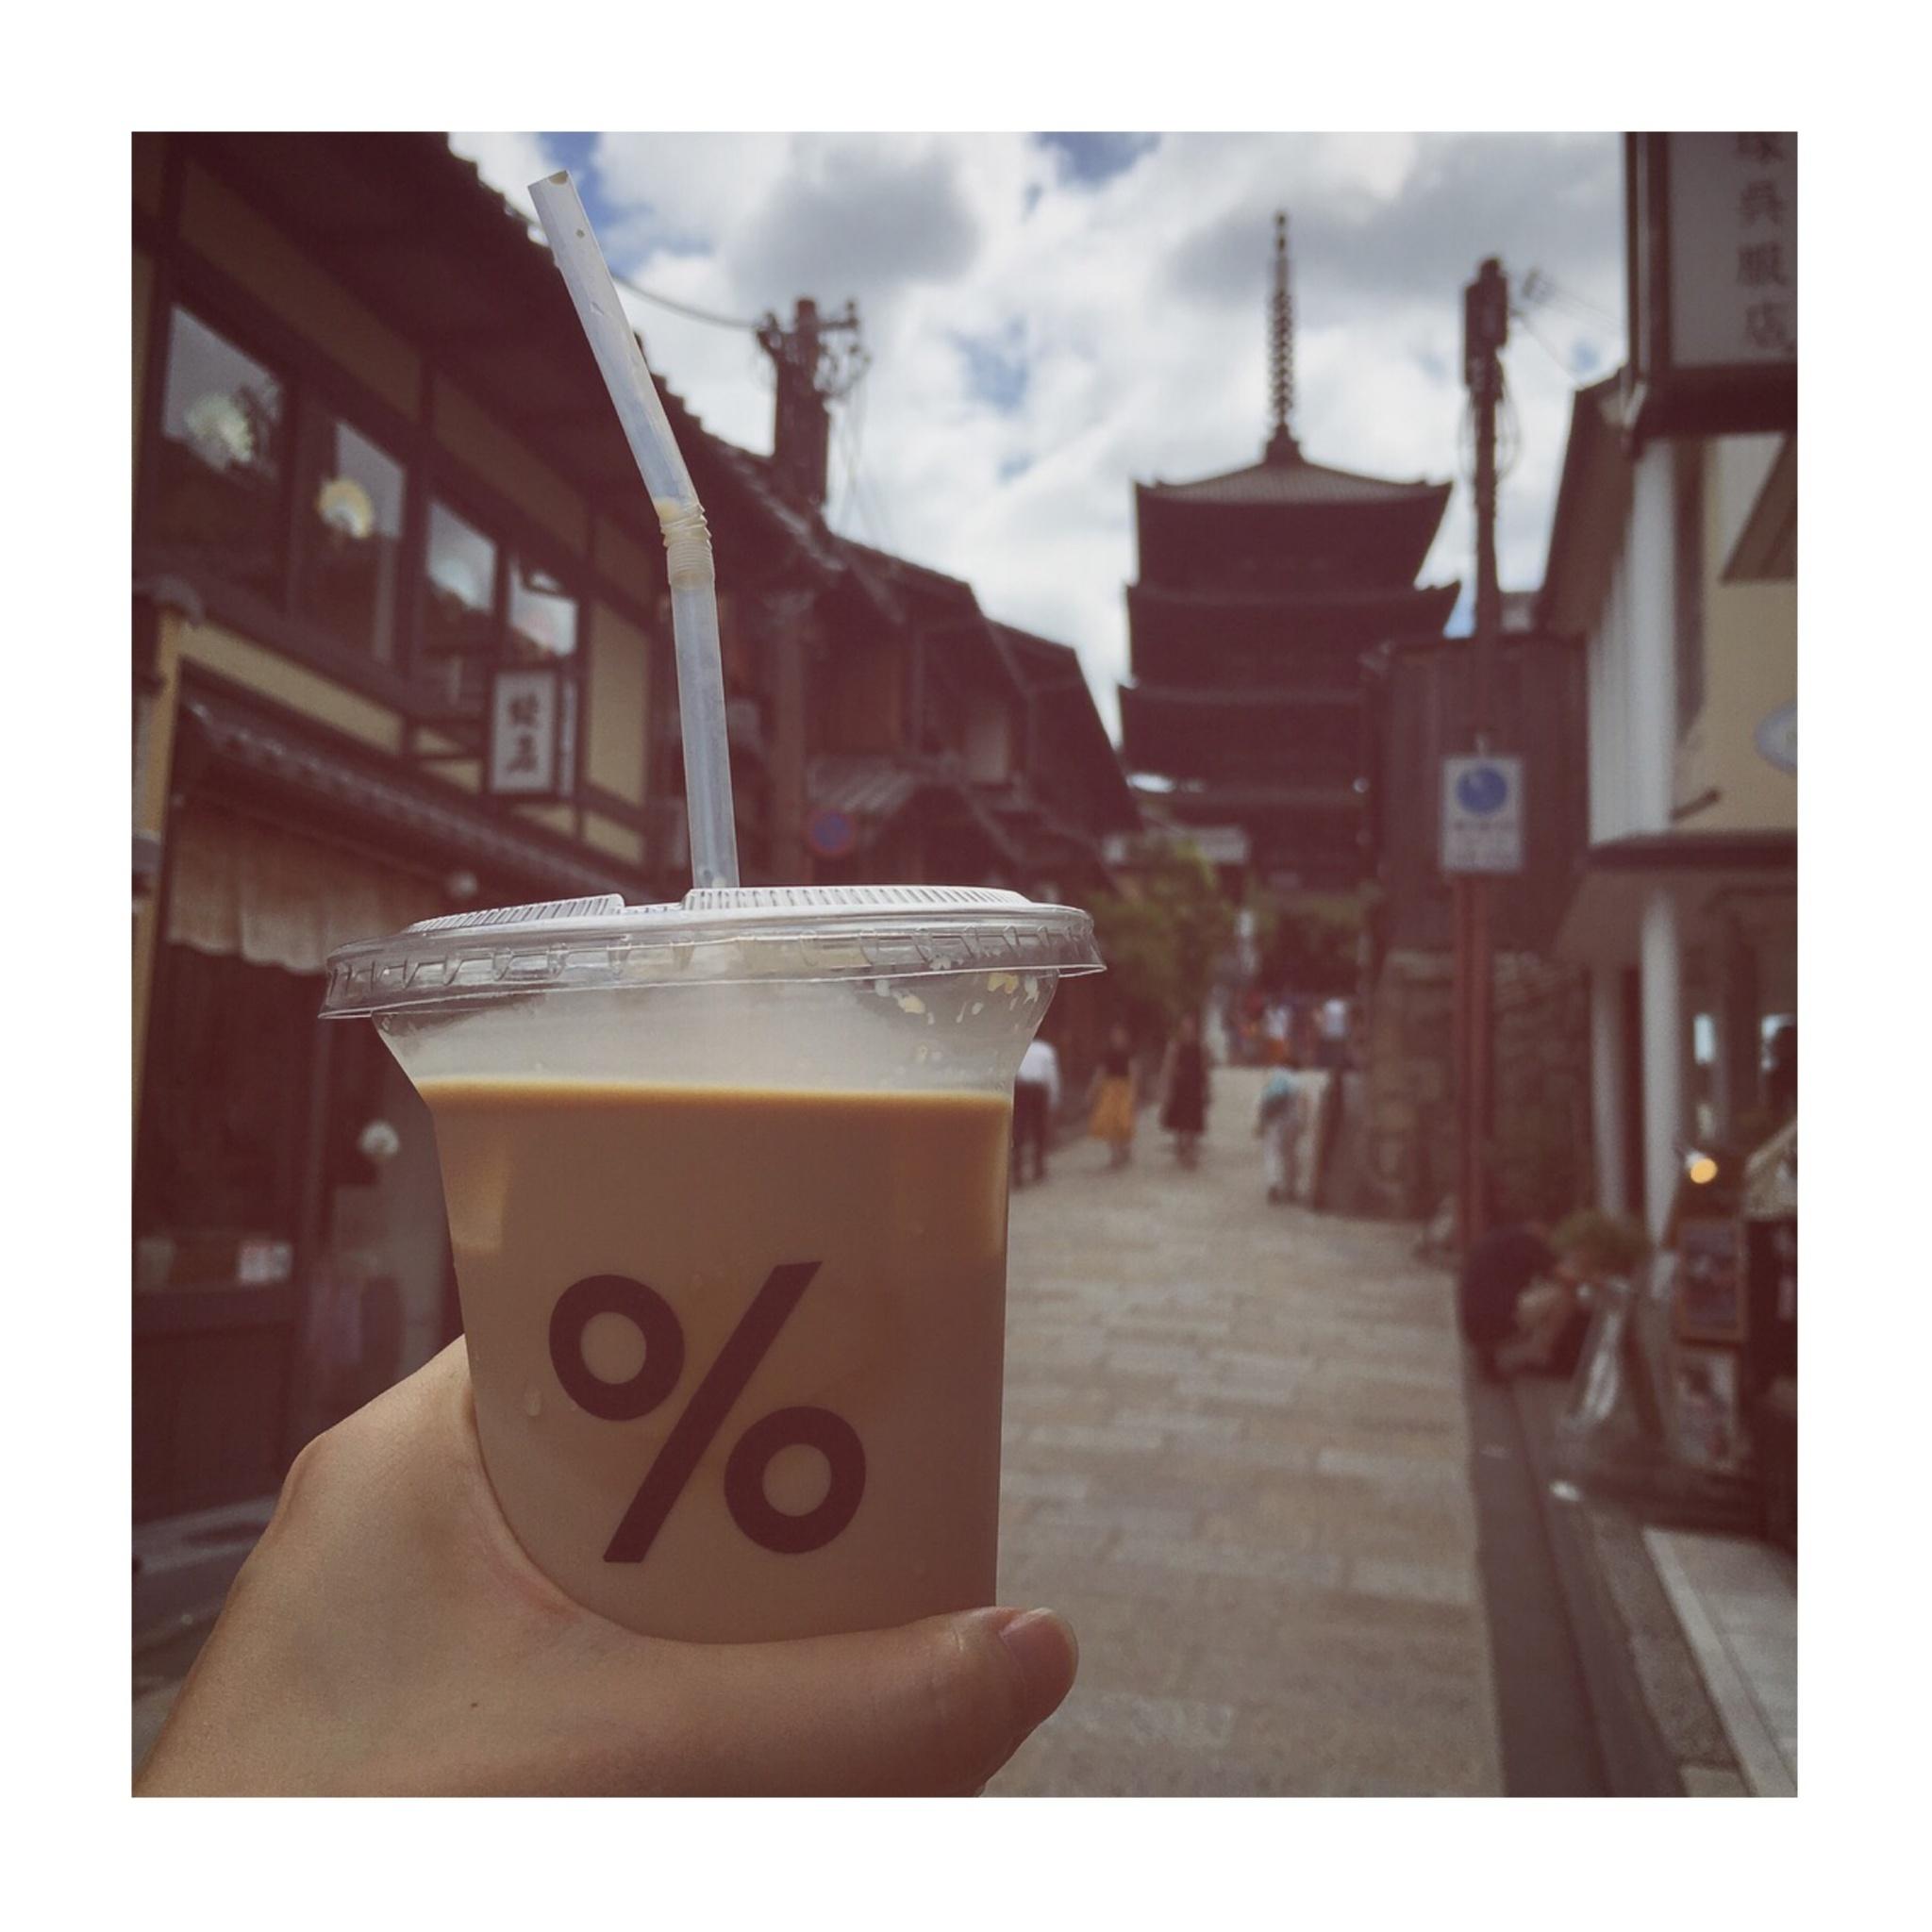 #10【#cafestagram】❤️:《京都》に行ったら寄りたい!おしゃれなカフェ「アラビカ 京都」でこだわりのコーヒーを☻_7